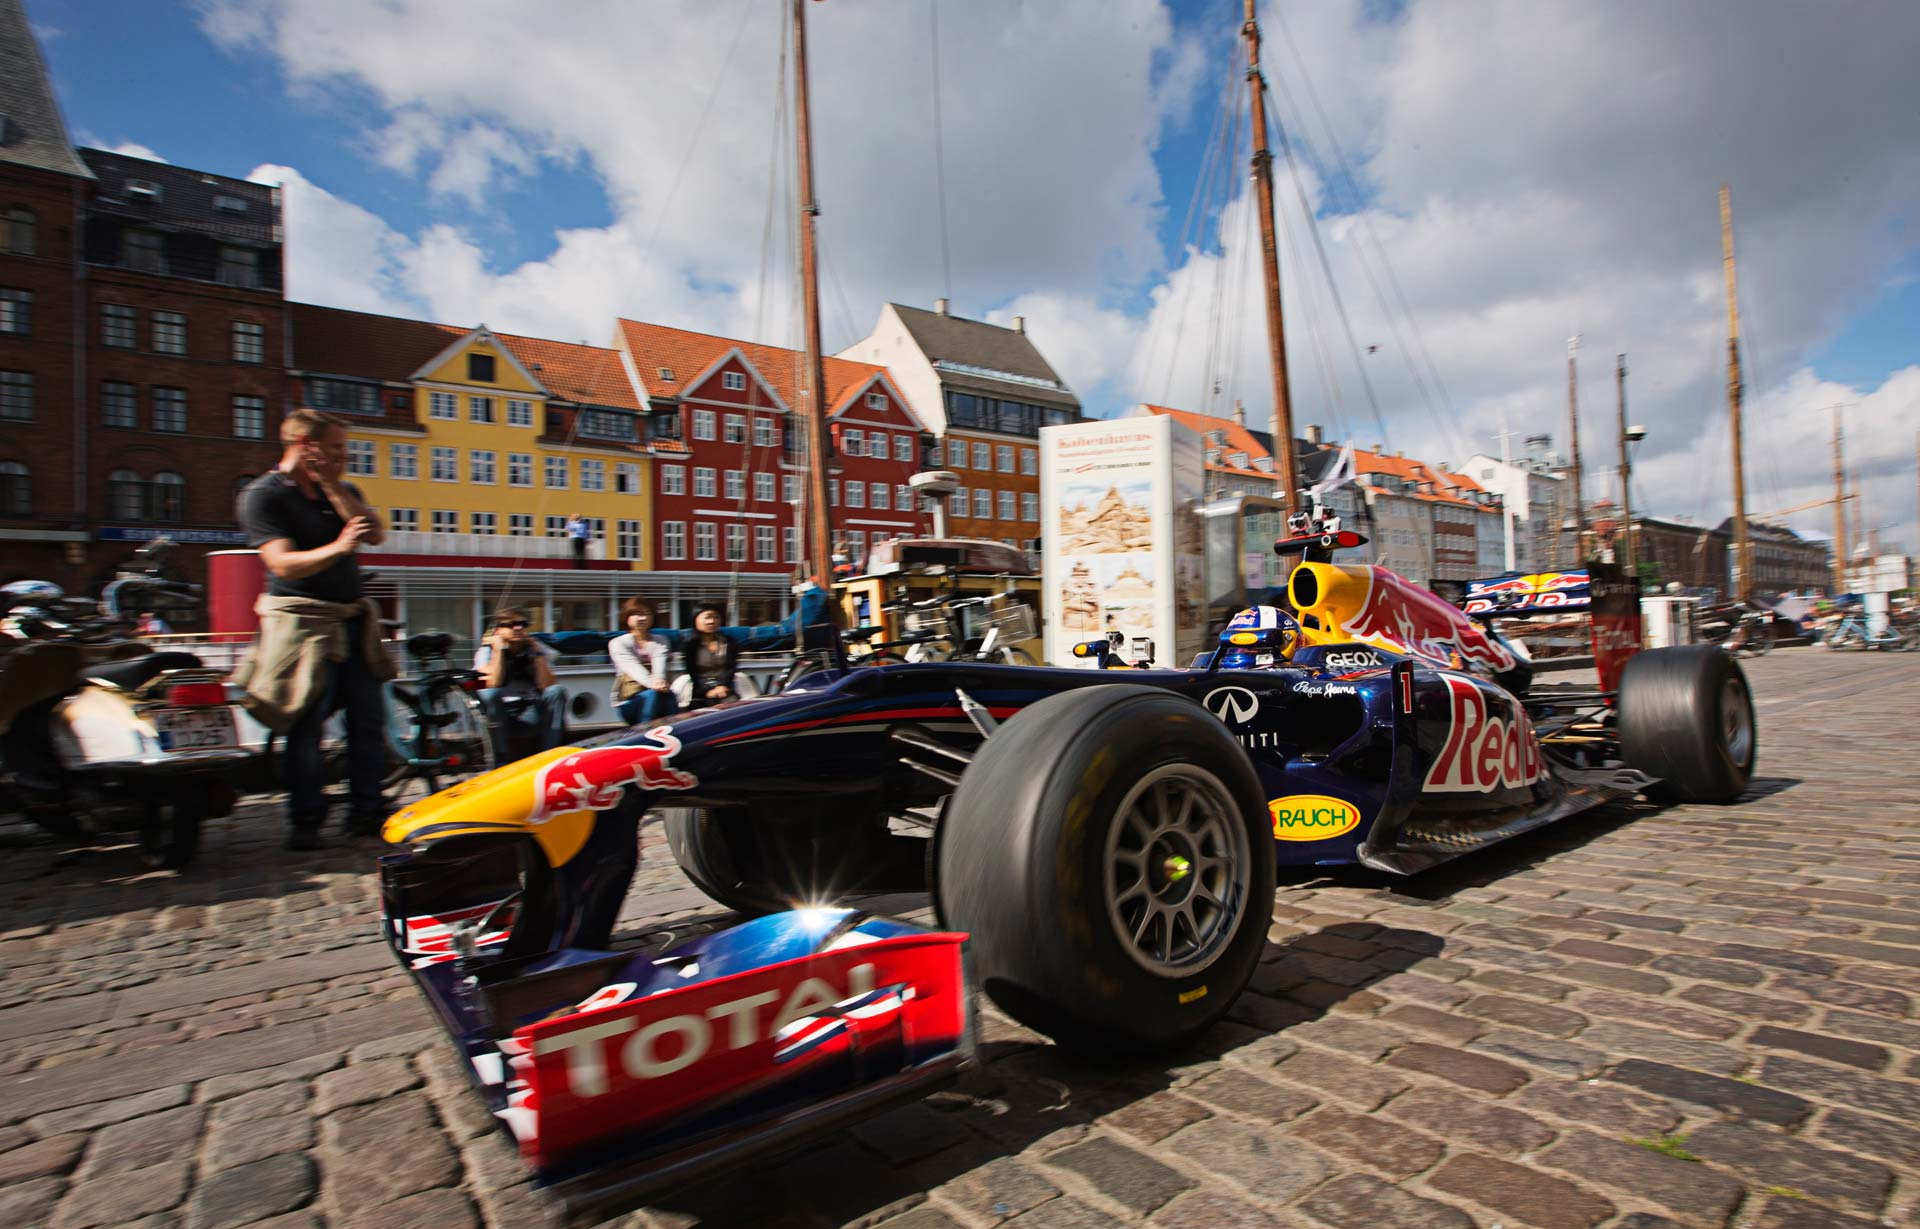 Copenhague quiere tener F1